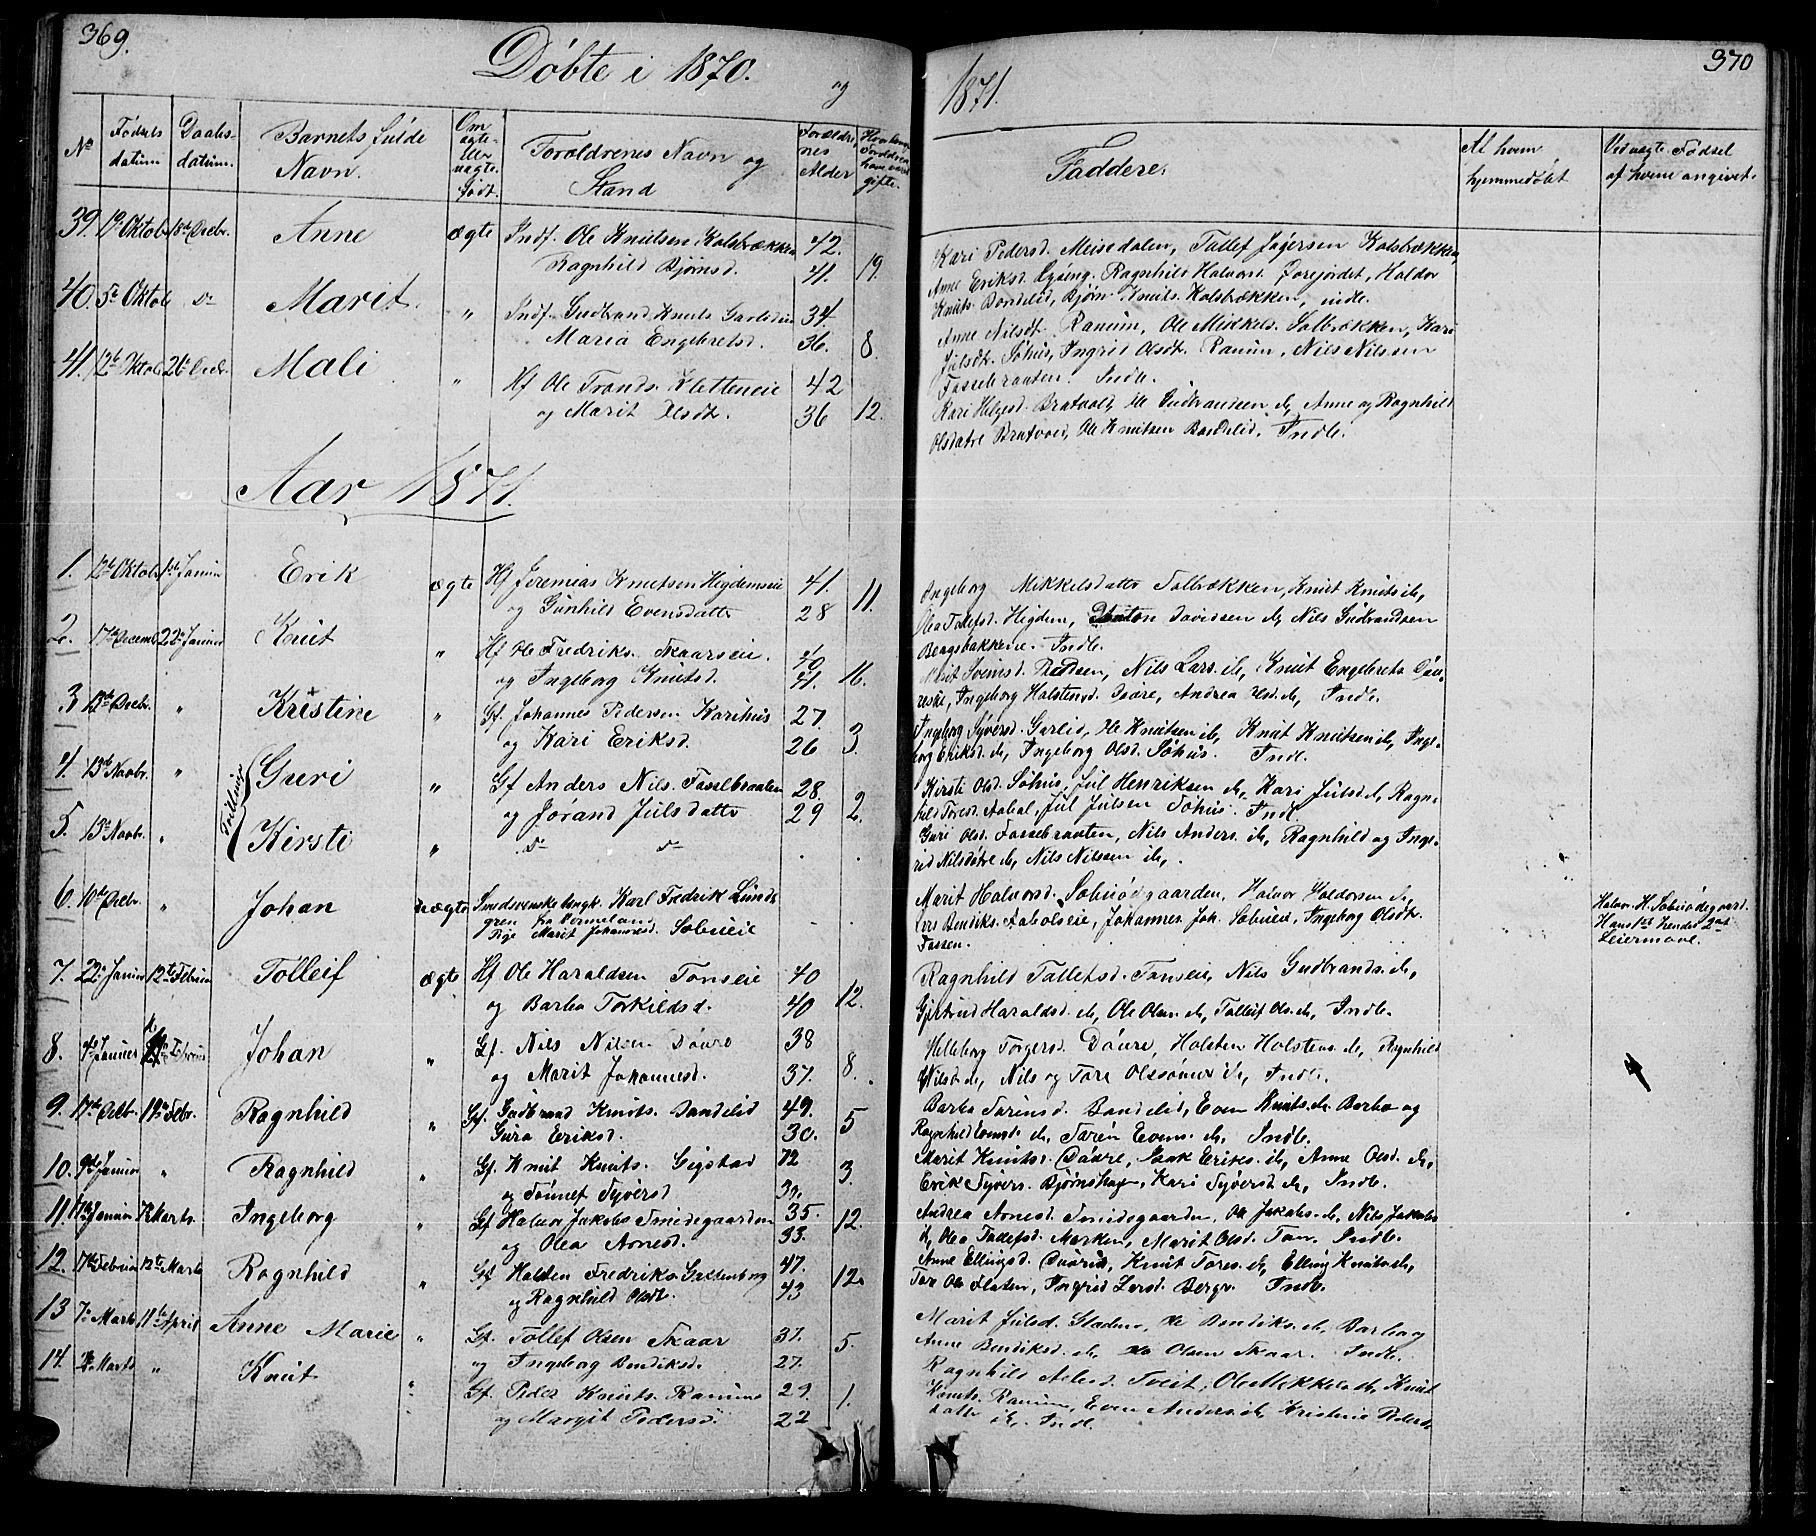 SAH, Nord-Aurdal prestekontor, Klokkerbok nr. 1, 1834-1887, s. 369-370